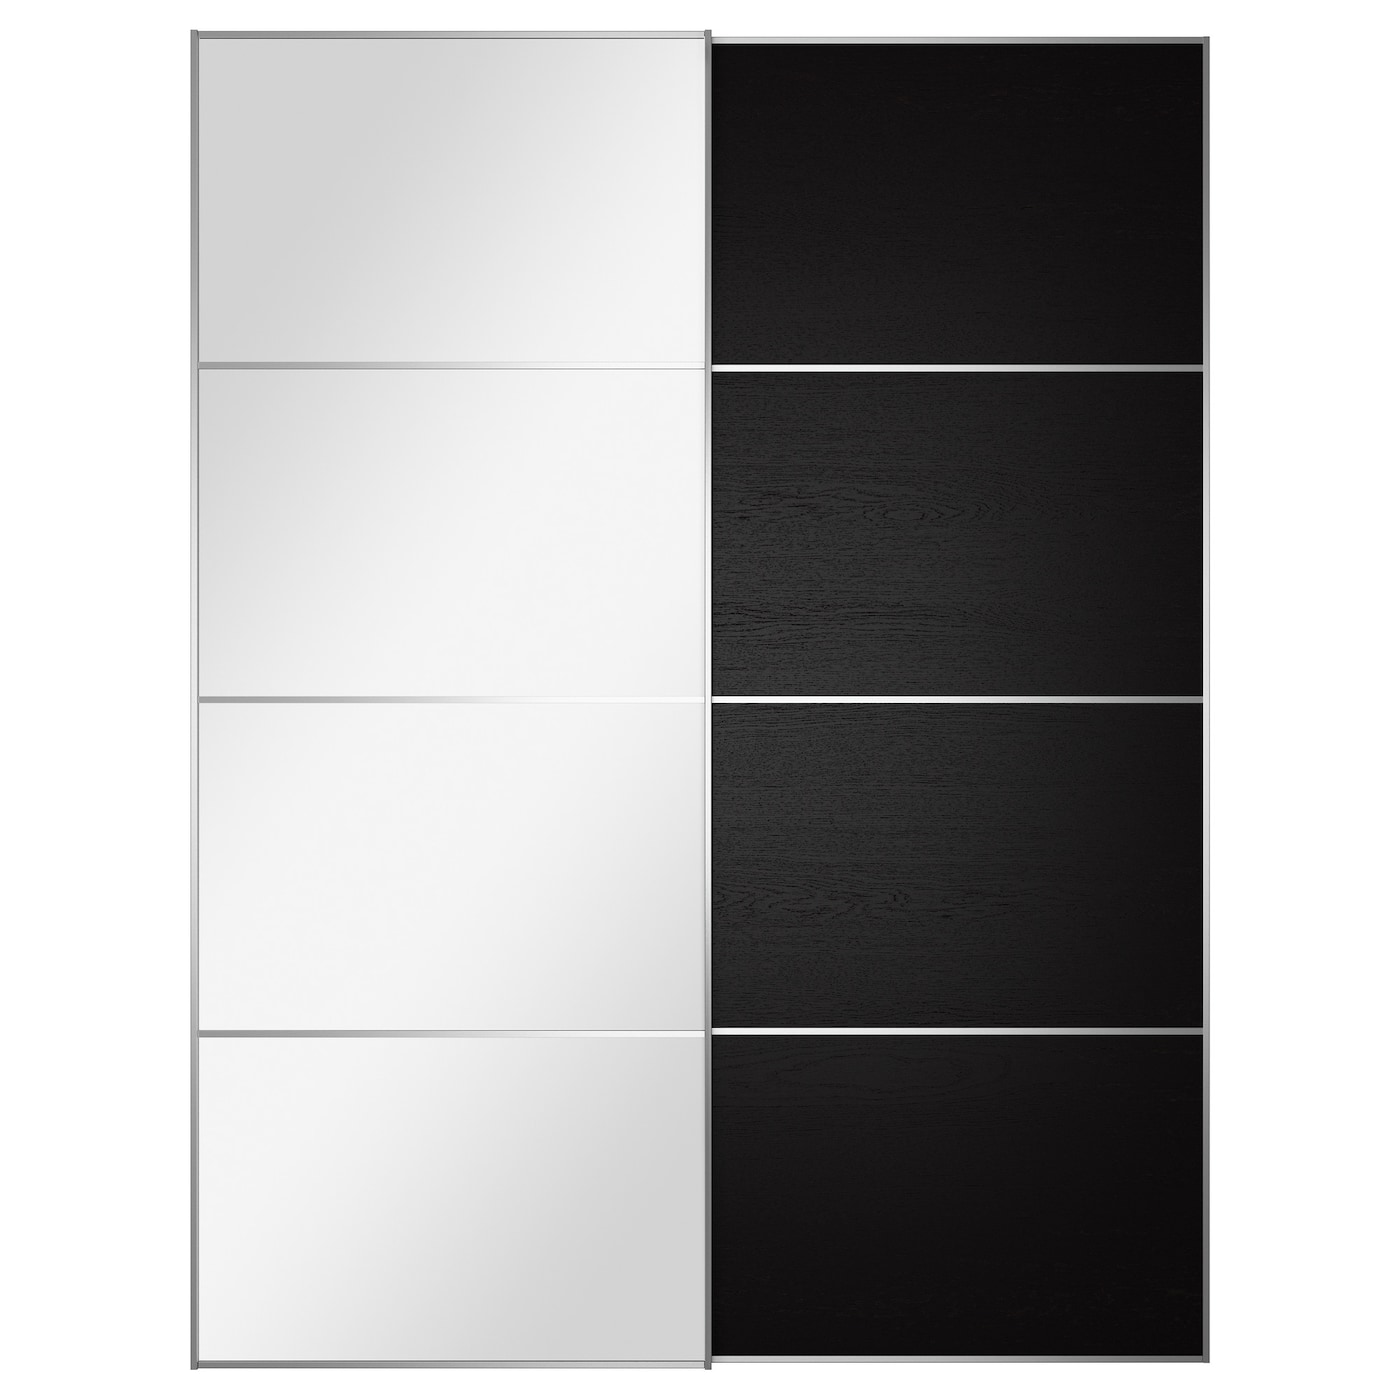 Portes Coulissantes PAX IKEA - Porte placard coulissante et porte interieur accordeon